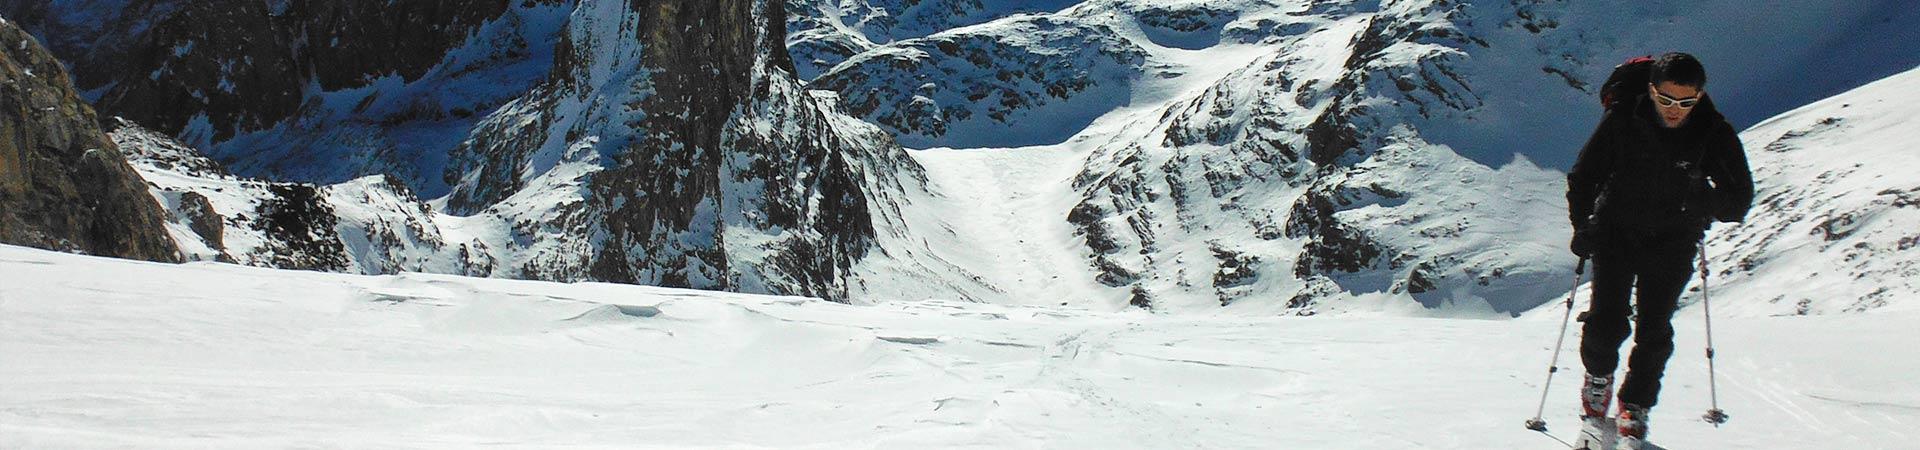 Curs-Iniciació-Esquí-Muntanya-2-dies